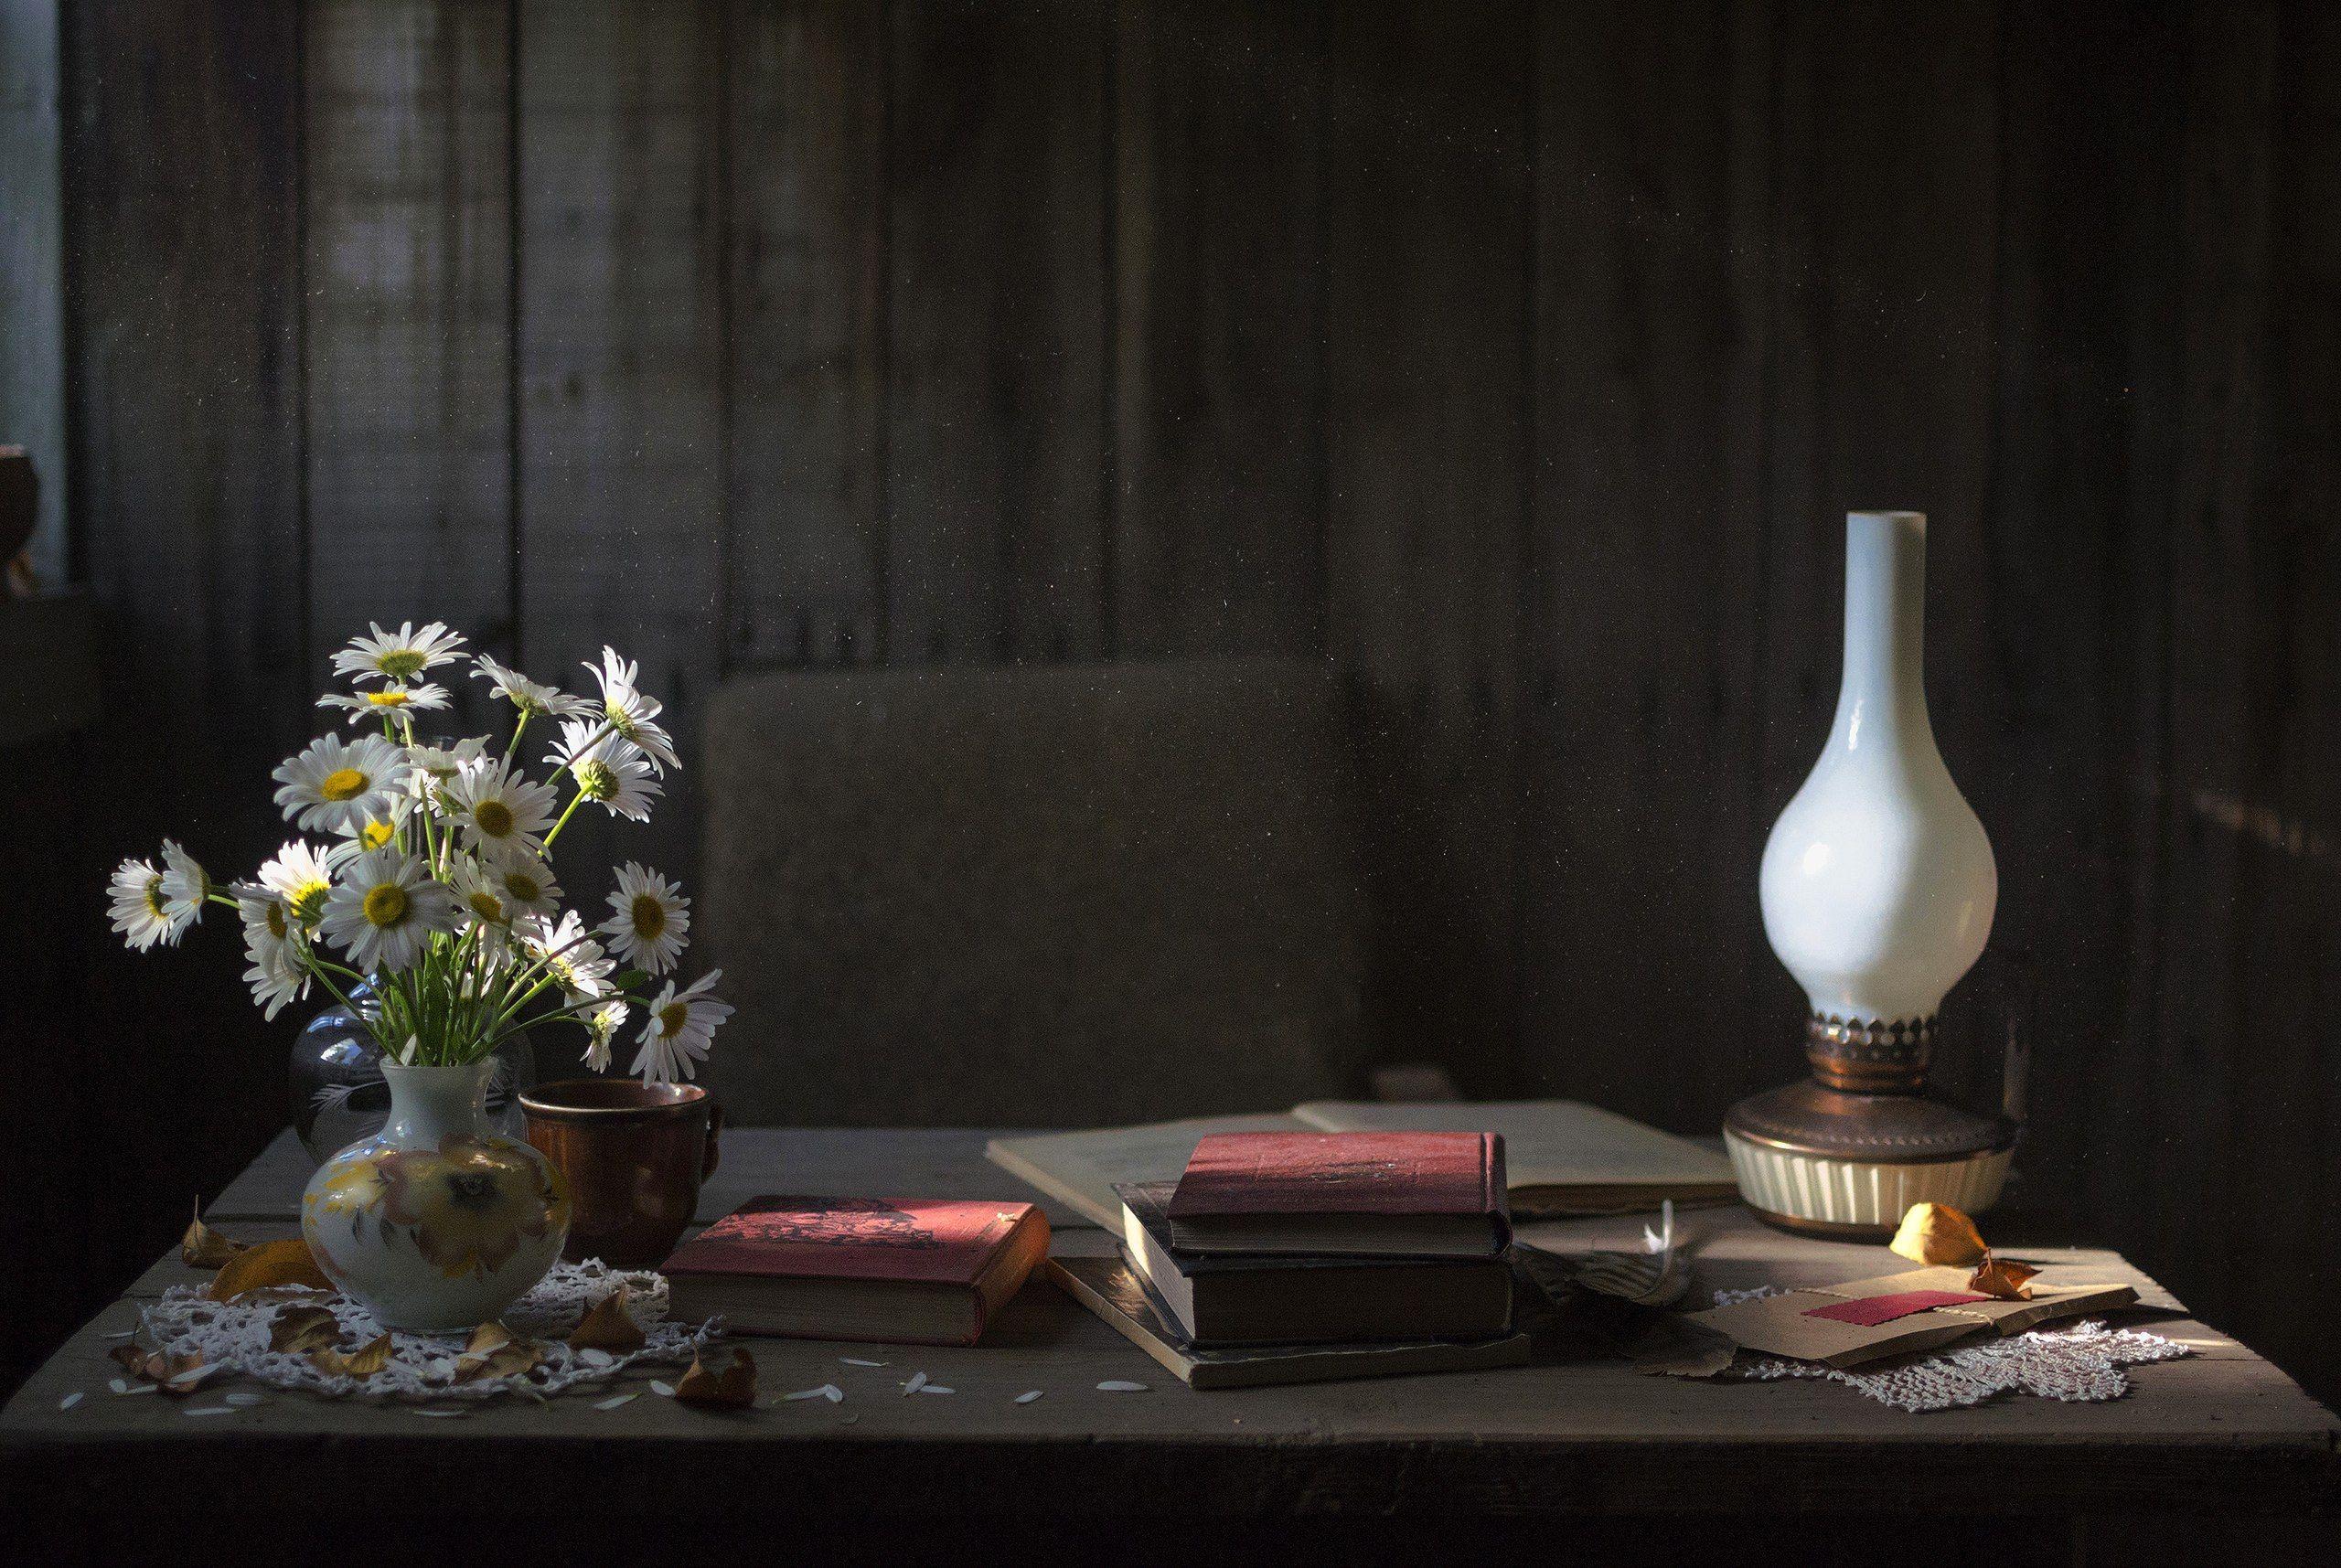 стол, лампа, цветы, свет, вечер, дом, пыль, книги, Логачёв Илья